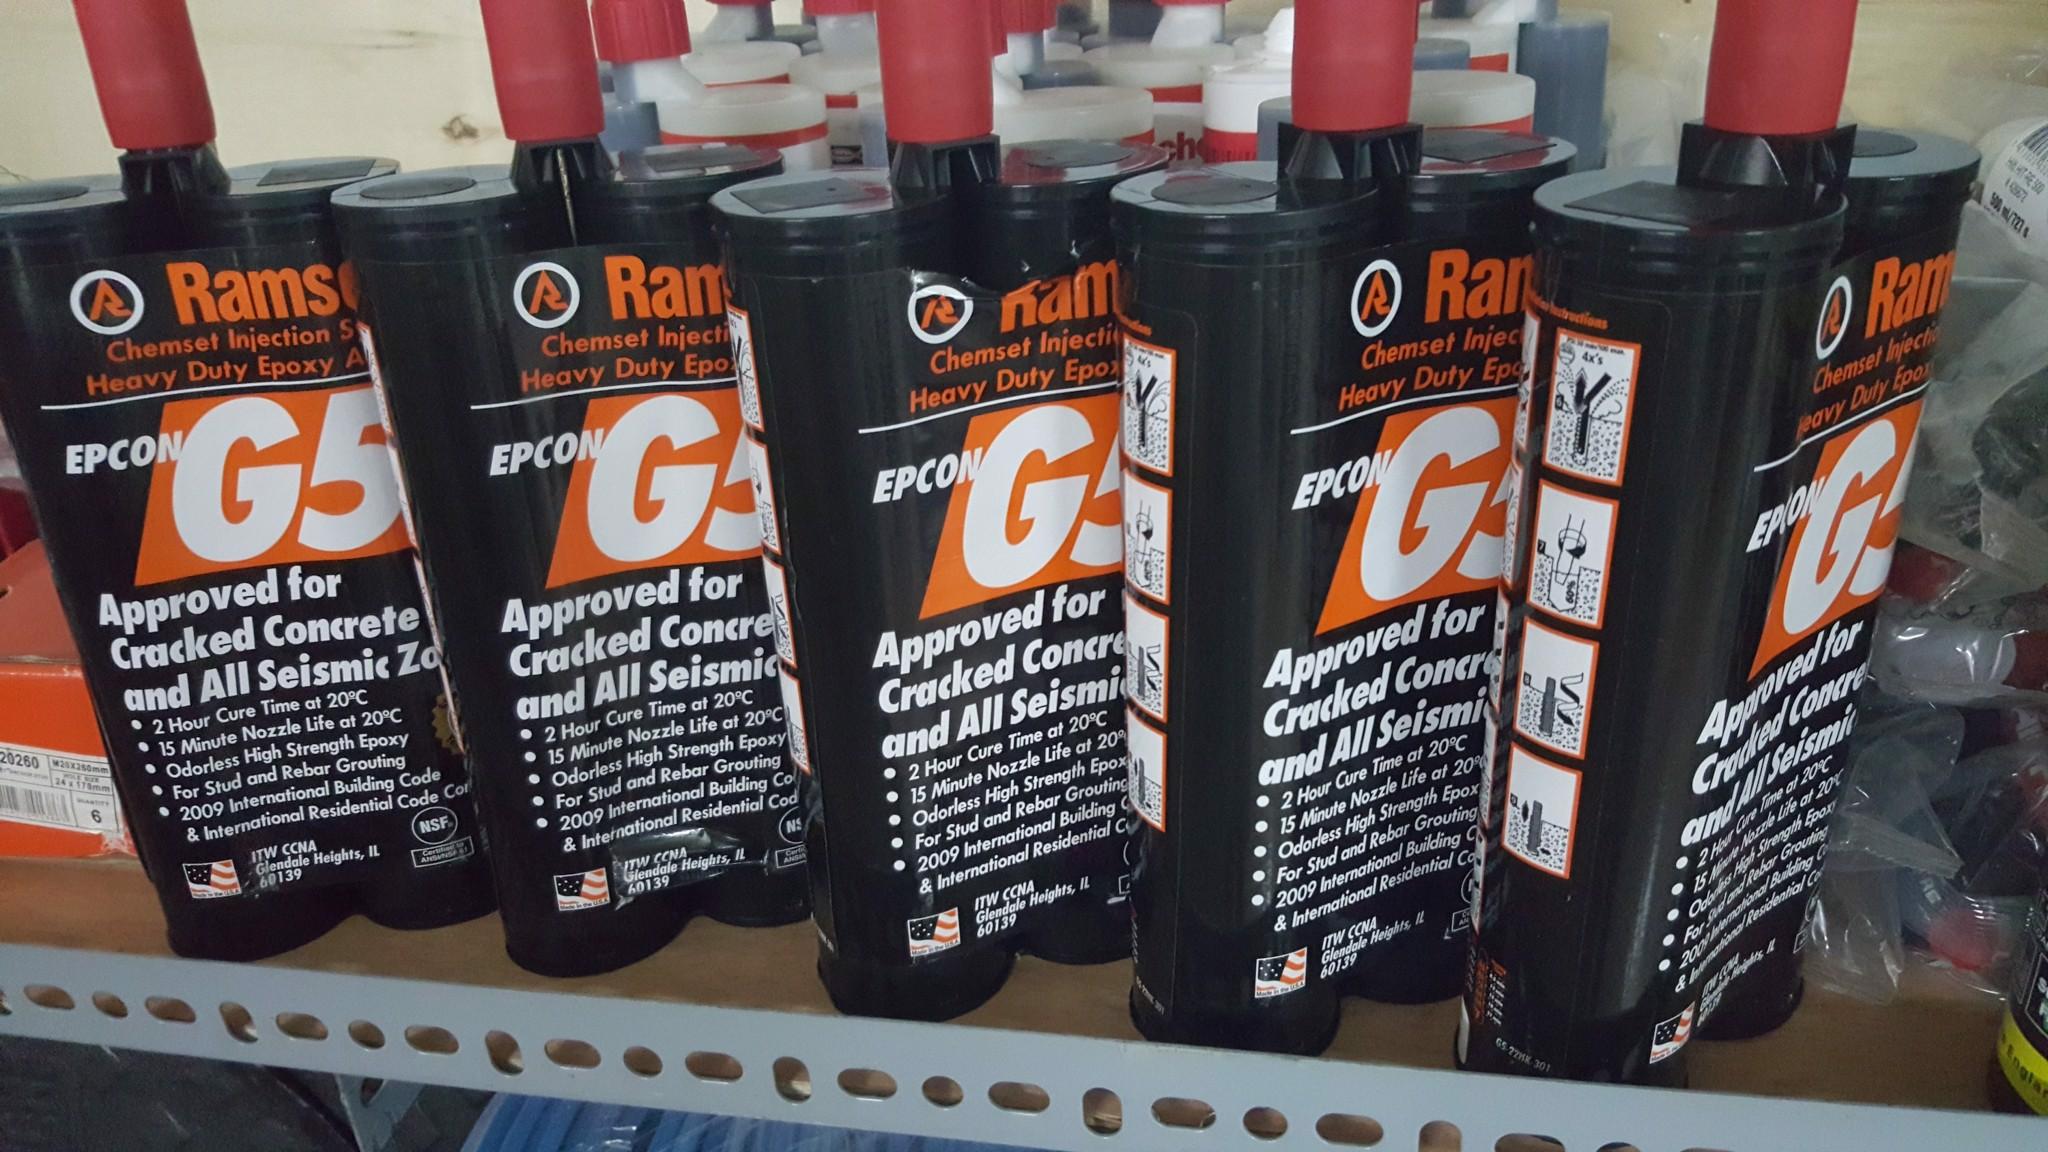 hóa chất cấy thép Epcon G5-650ML(RAMSET)